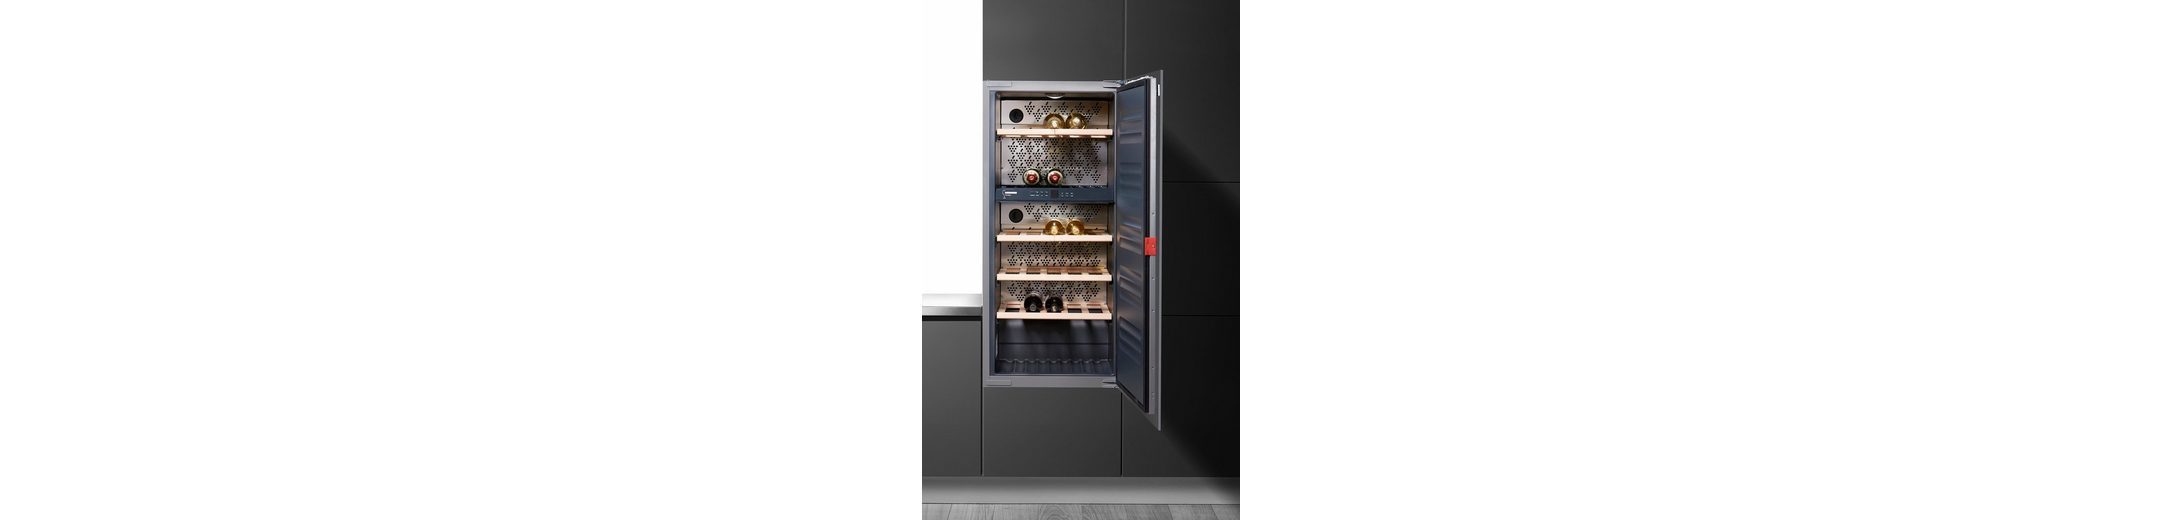 Liebherr Einbau-Weintemperierschrank integrierbar WTI 2050-23, Energieklasse A